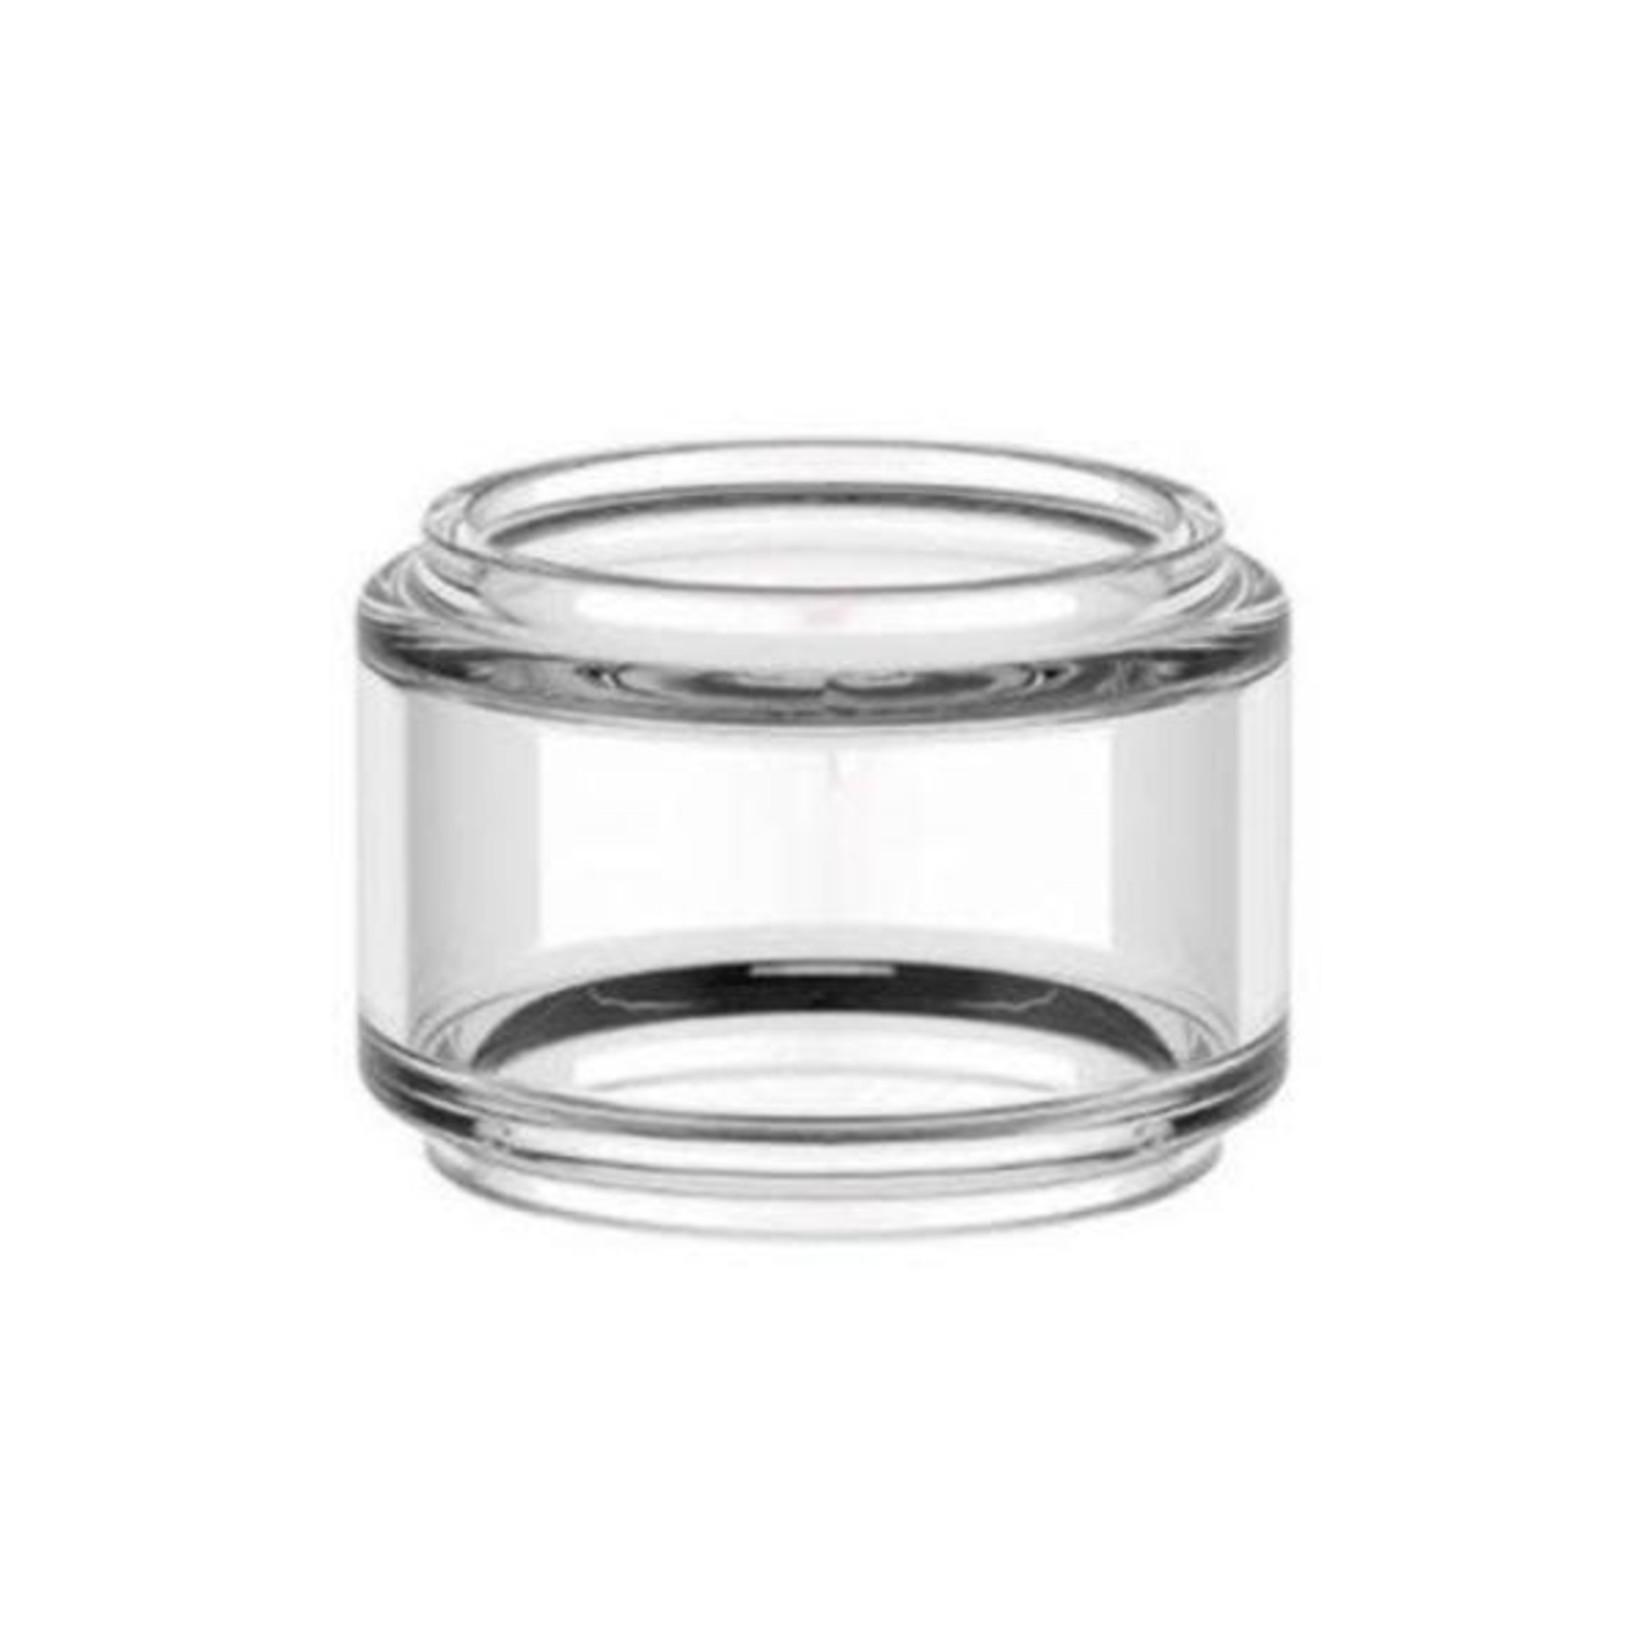 § Vandy Vape Kensei Replacement Glass